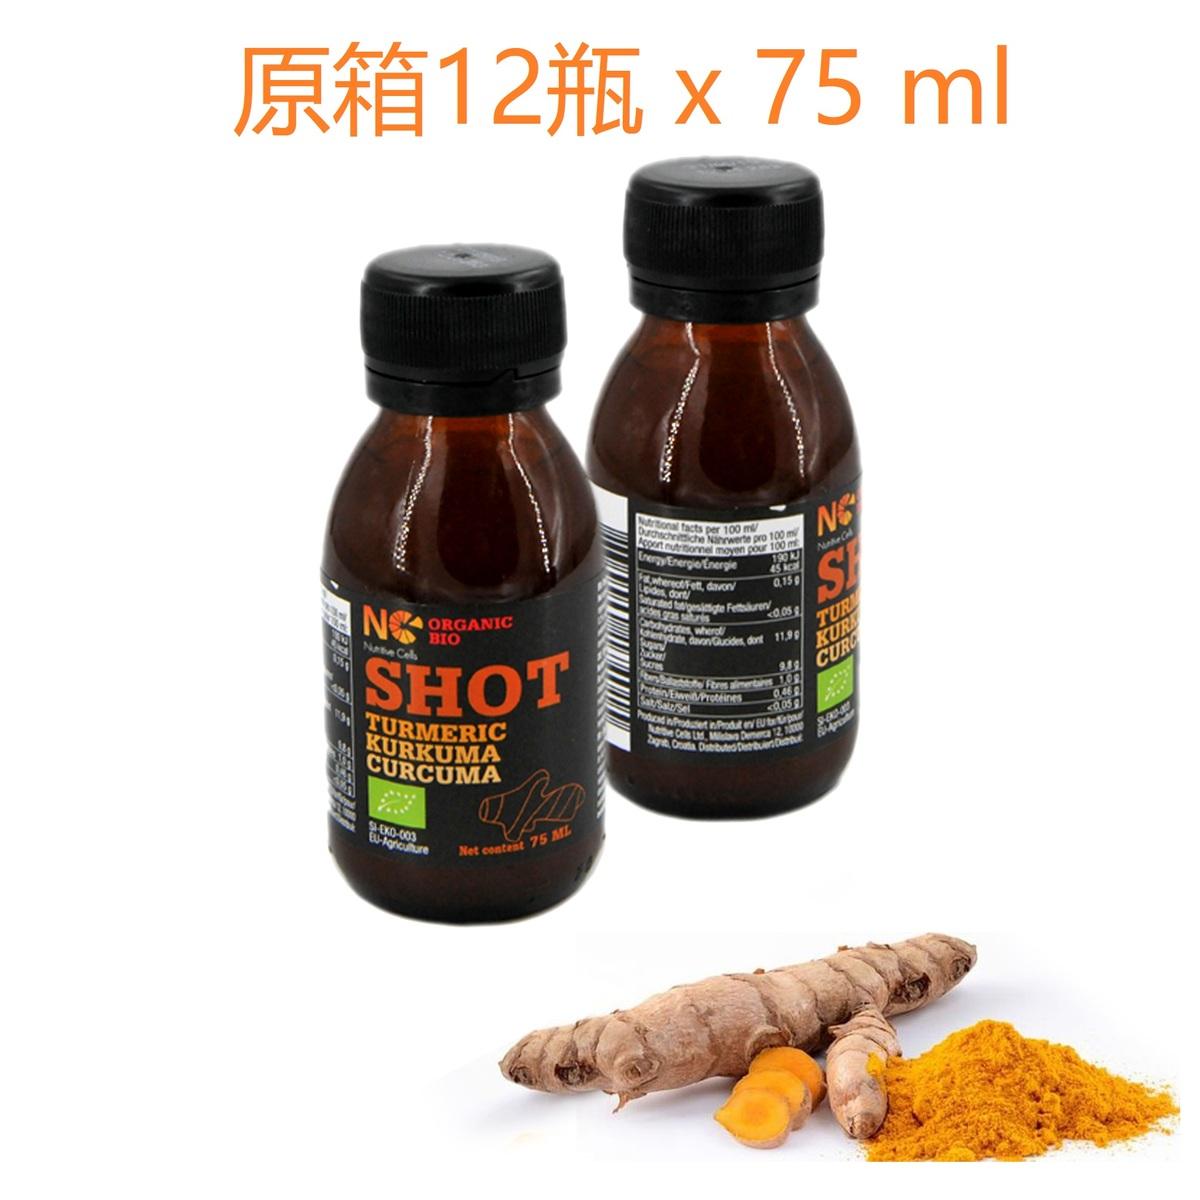 有機薑黃濃縮蔬菜精華 - 原箱 12瓶 x 75毫升